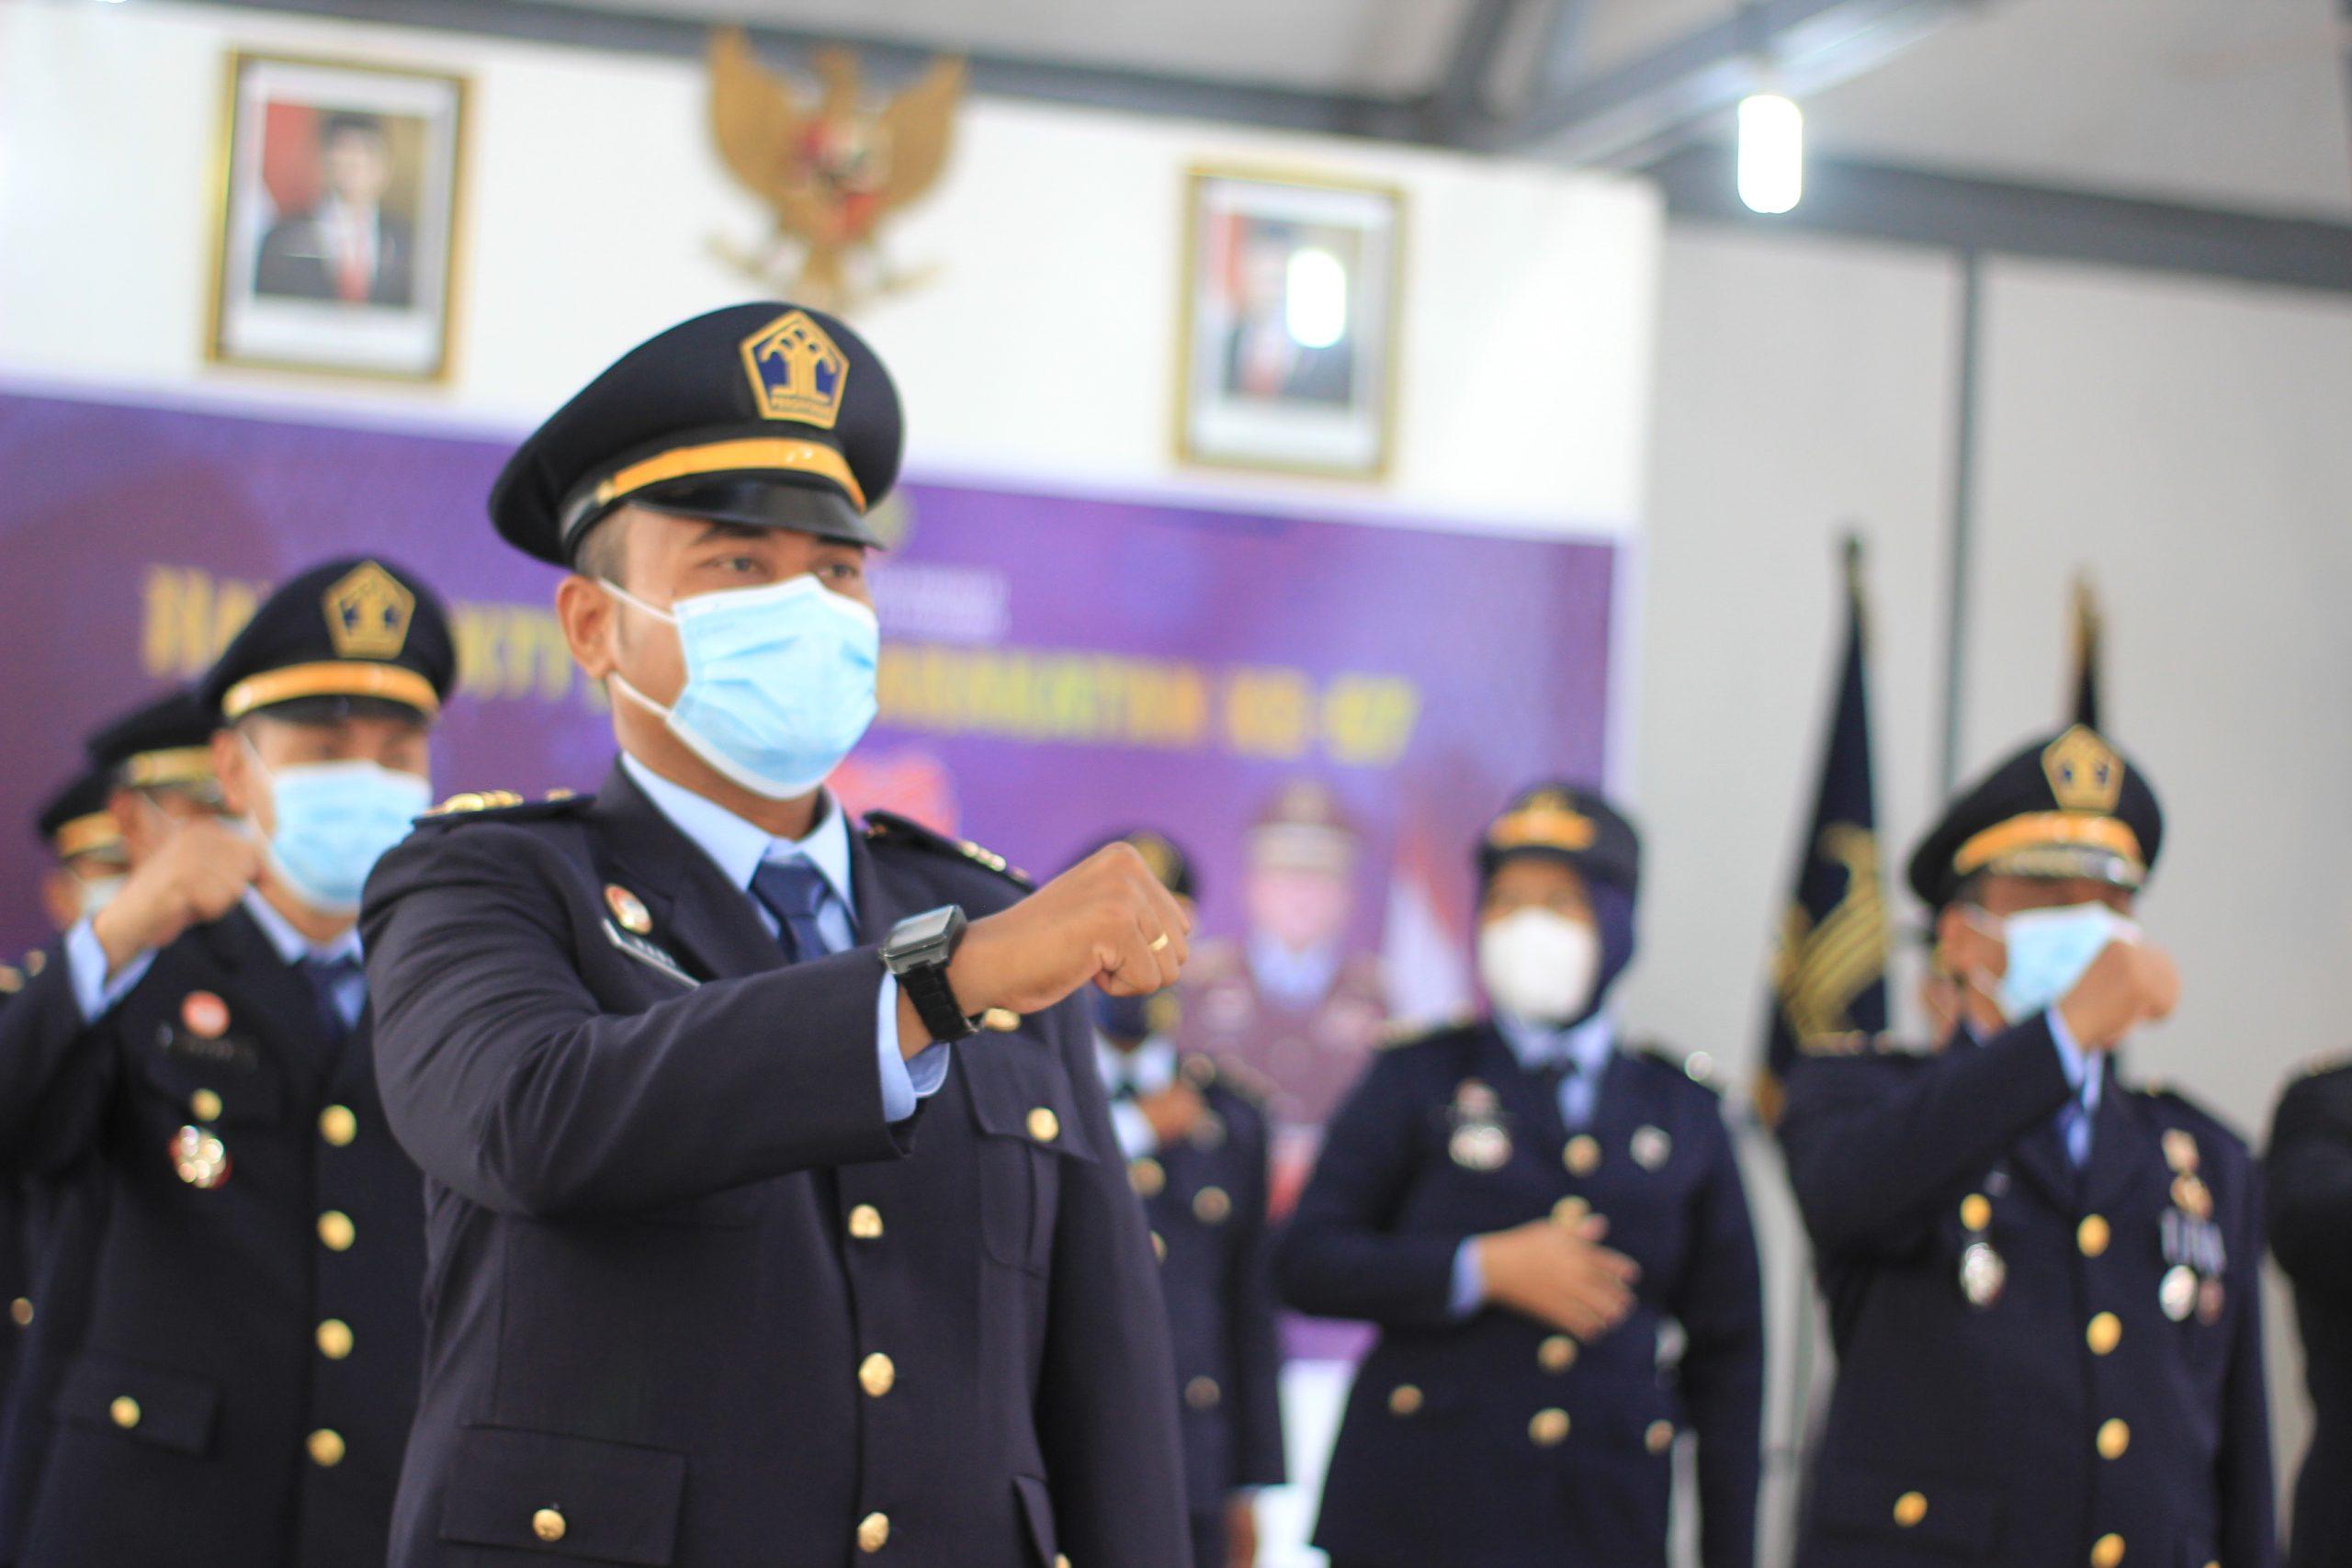 Jajaran Petugas Pemasyarakatan Lapas Yogyakarta Ikuti Upacara HBP ke-57 dengan Khidmat